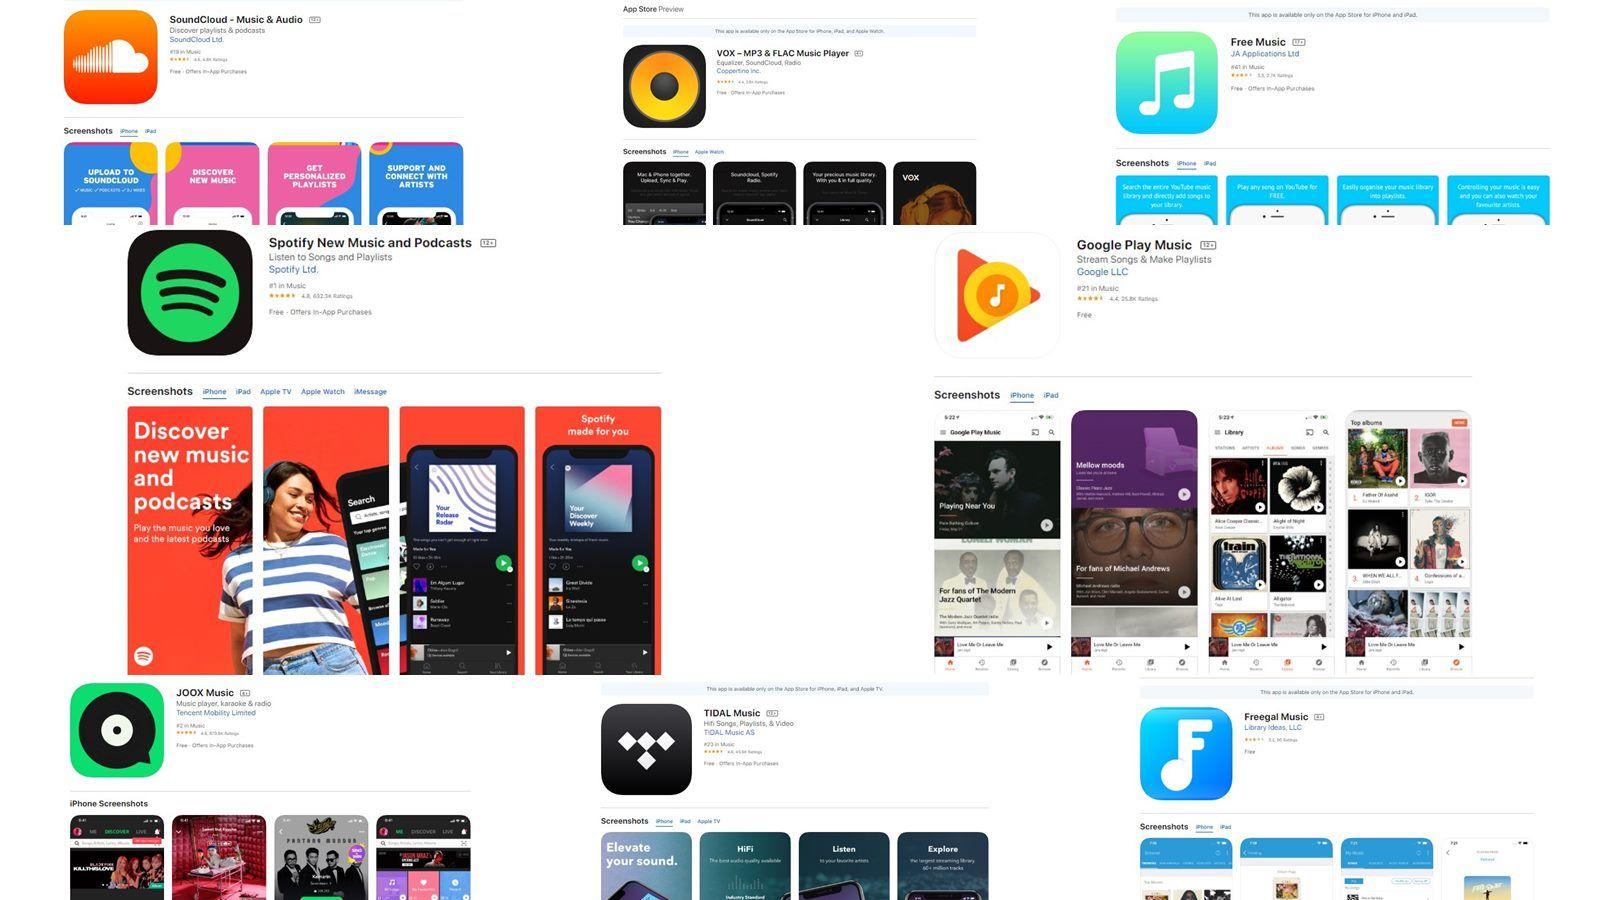 Aplikasi Musik Terbaik Offline Online Di Android Juga Iphone Yang Direkomendasikan Apakah Kamu Mencari Aplikasi Musik Terbaik Gratis Yang Musik Lagu Iphone